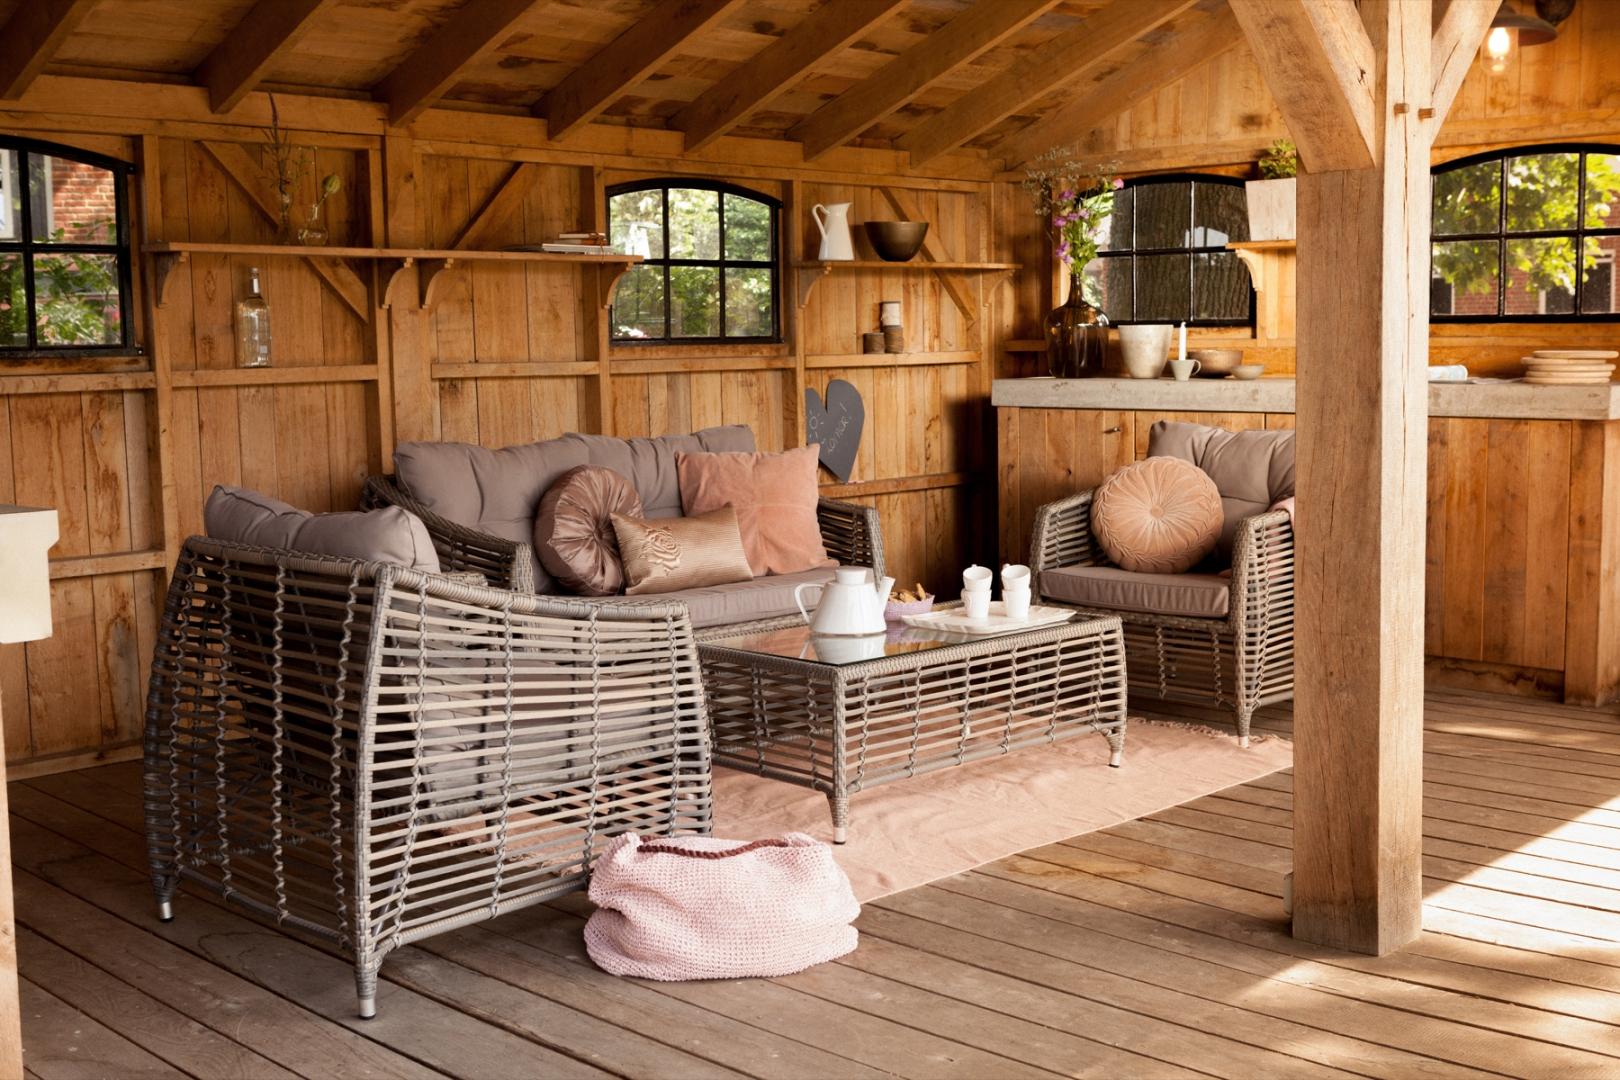 Tuin inspiratie tips voor het inrichten van jouw veranda stijlvol styling woonblog - Interieur van een veranda ...